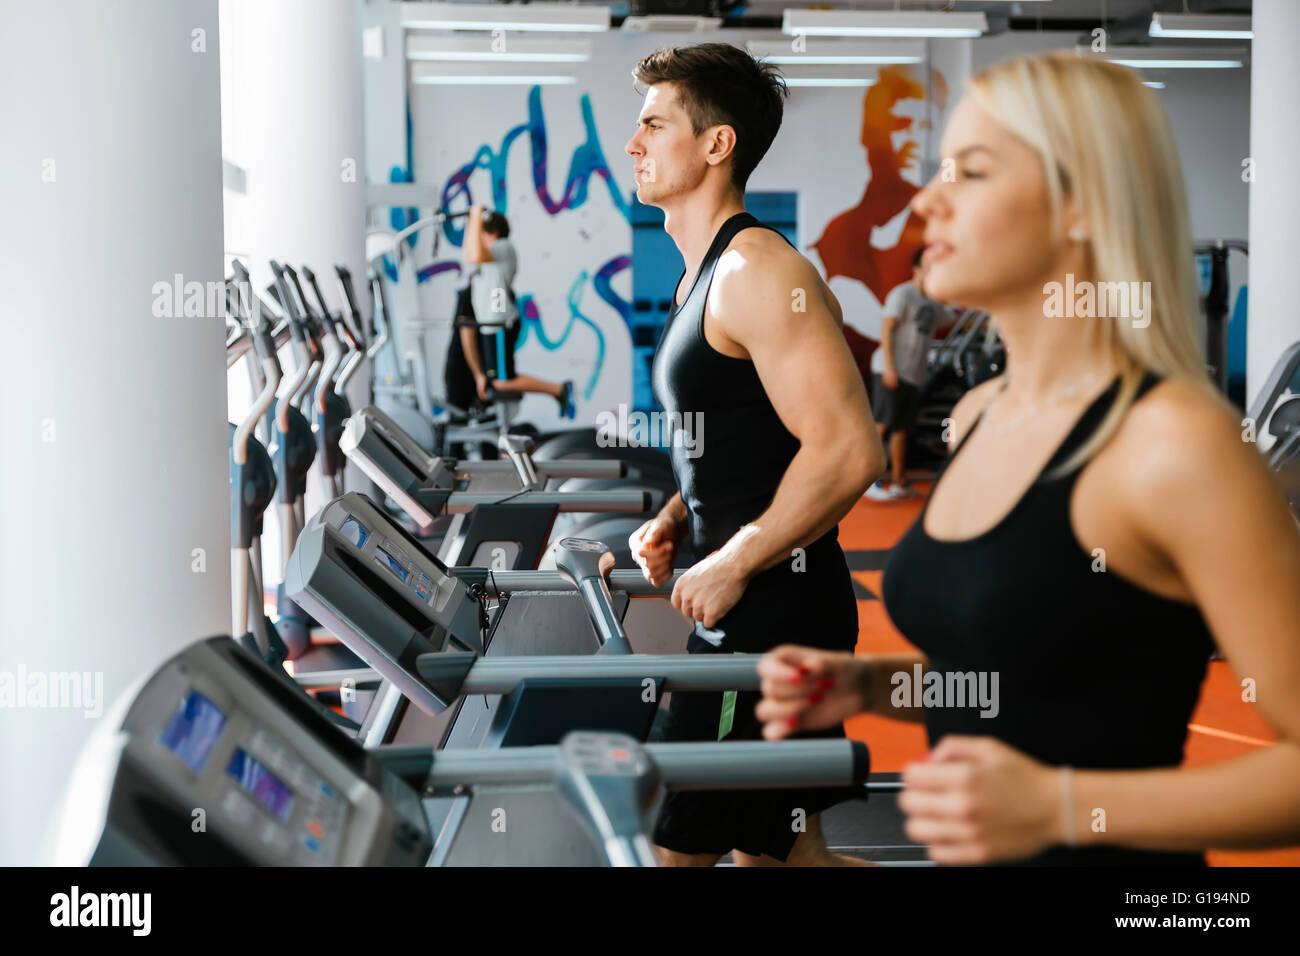 La gente corriendo en cintas de correr en el gimnasio para mantener el cuerpo en forma Imagen De Stock